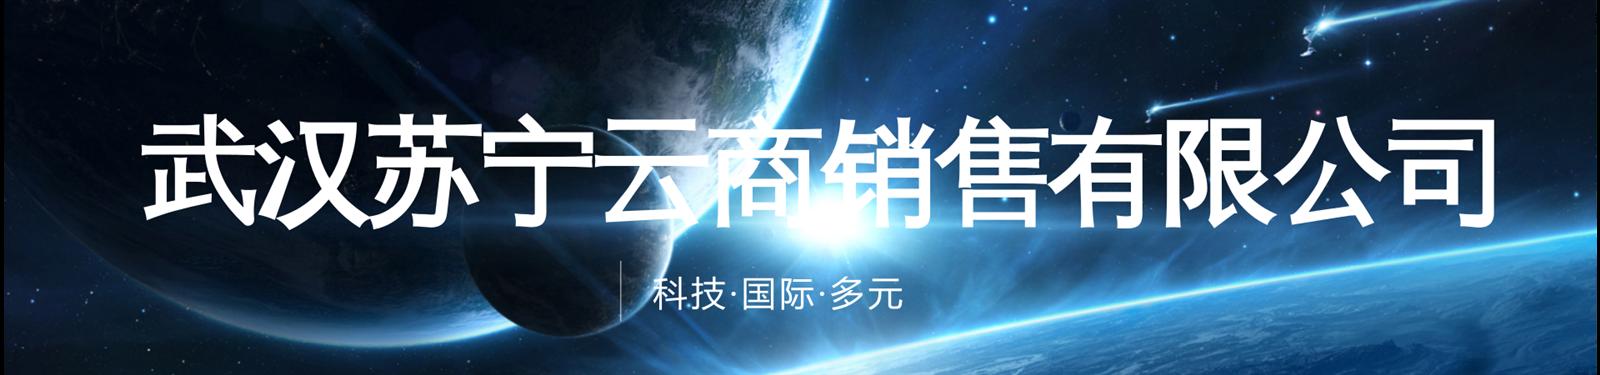 武汉苏宁云商销售有限公司